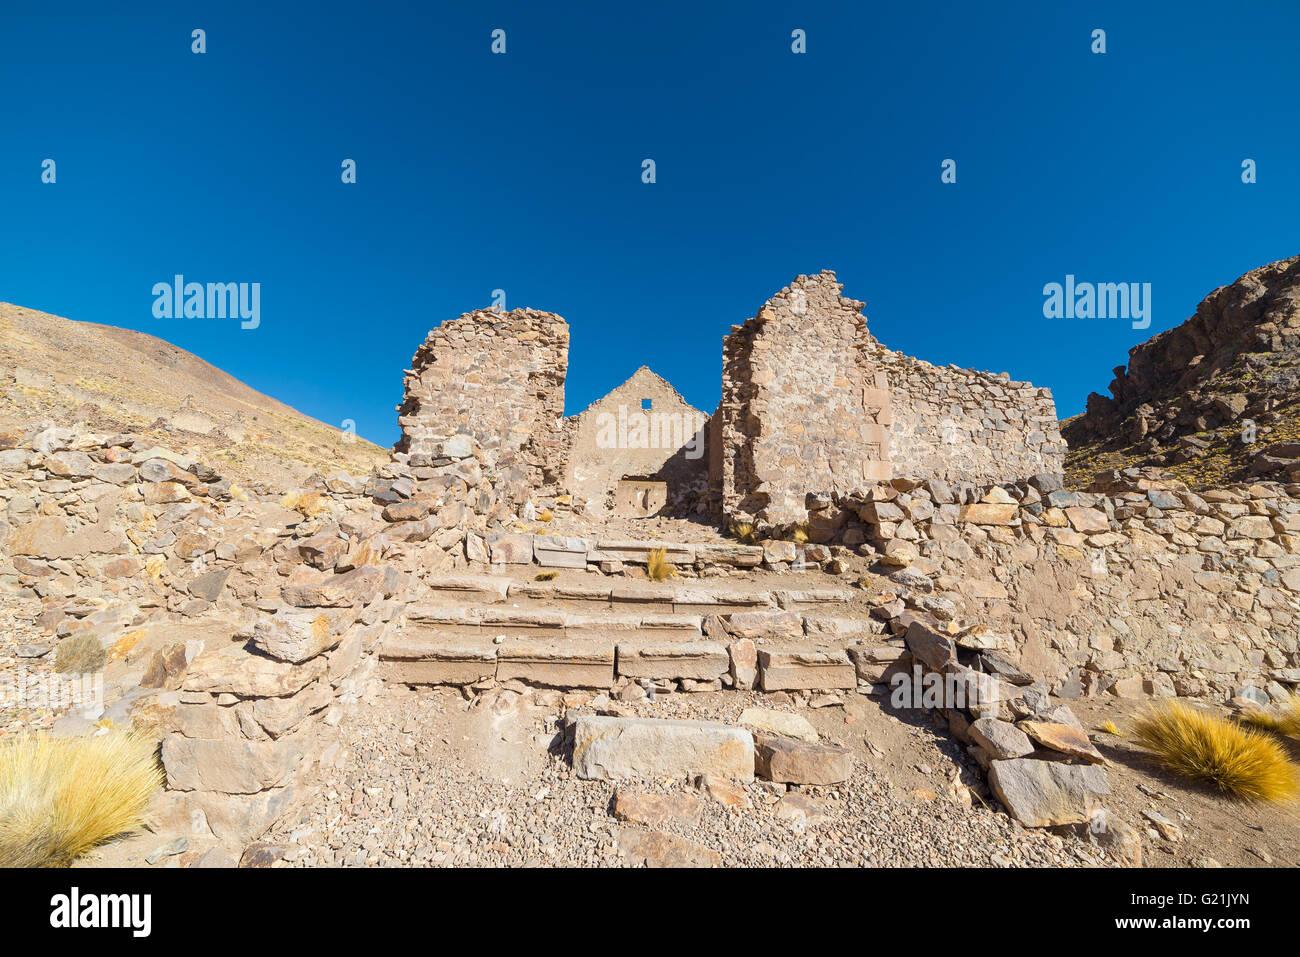 Verlassenen und verfallenen alten kolonialen Dorf und Bergbaustadt im Hochland der Anden auf dem Weg zu den berühmten Stockbild